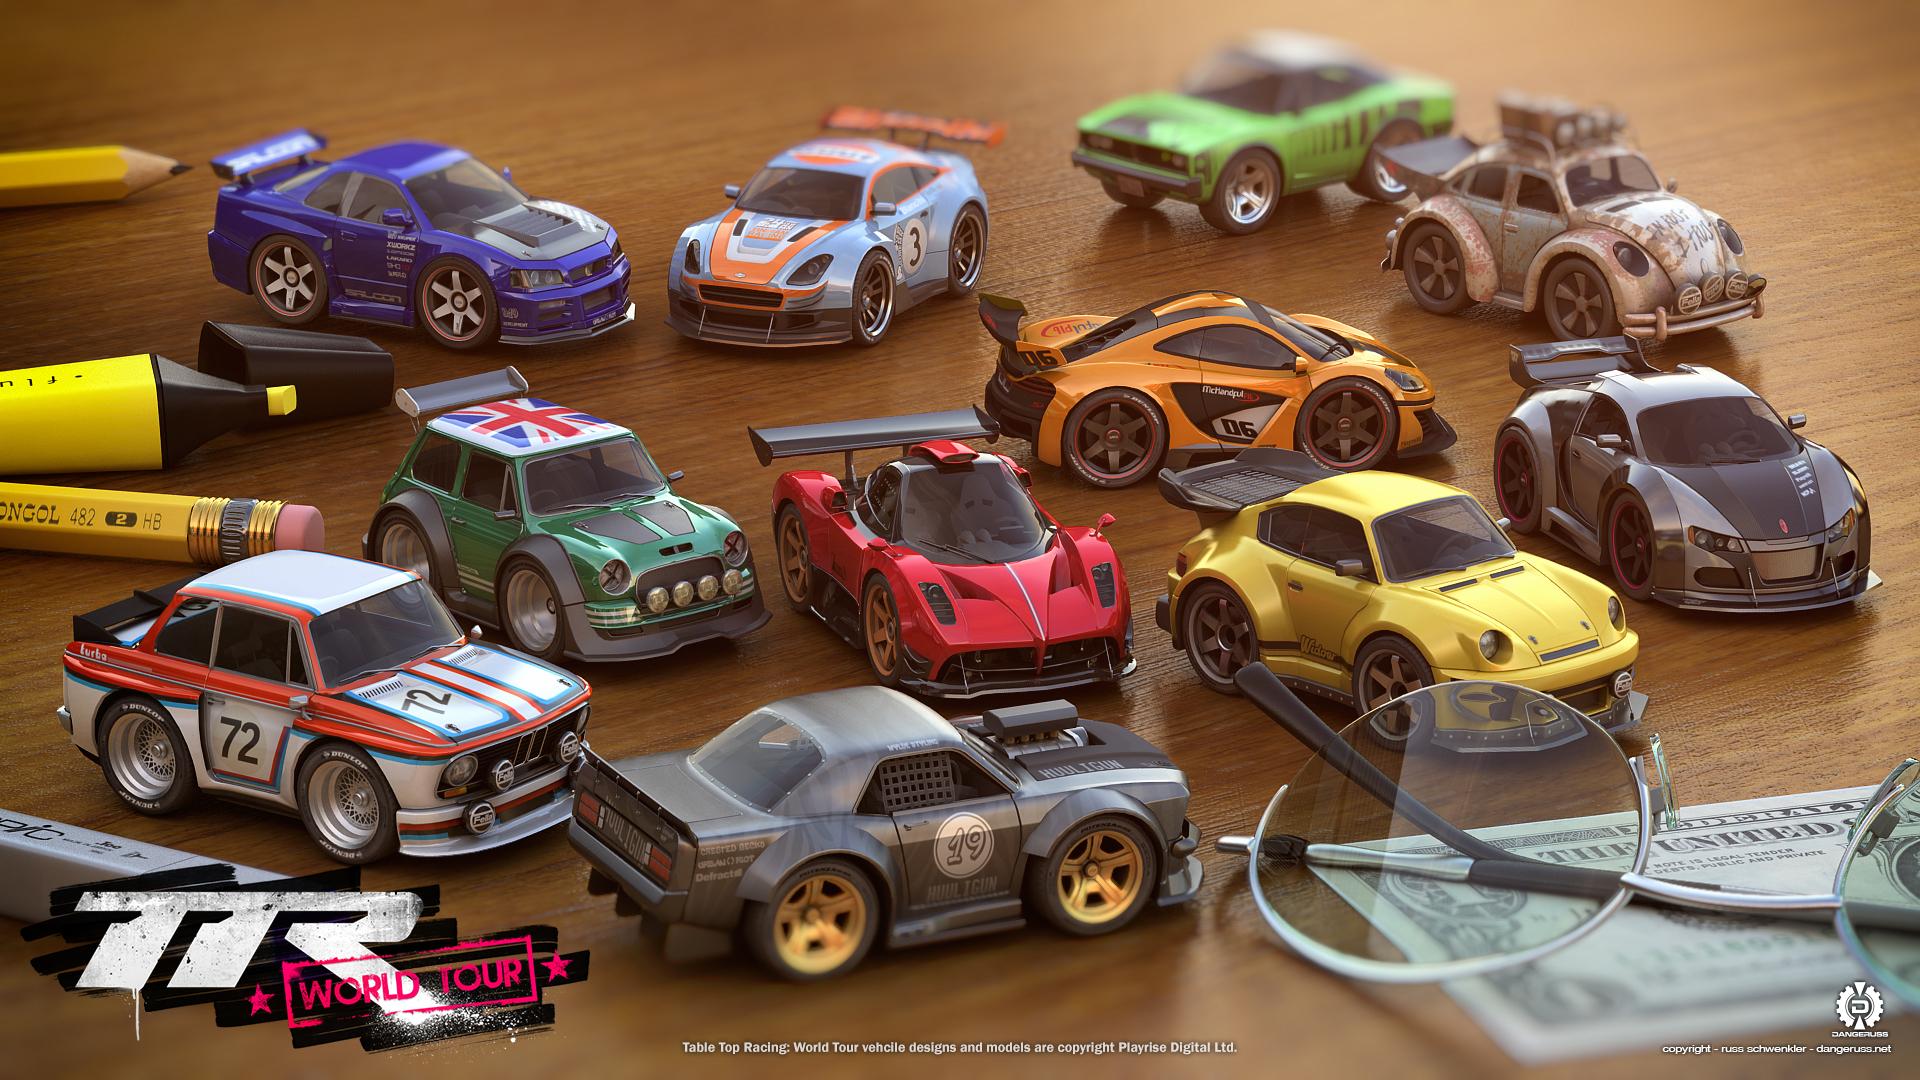 Risultati immagini per table top racing nitro edition